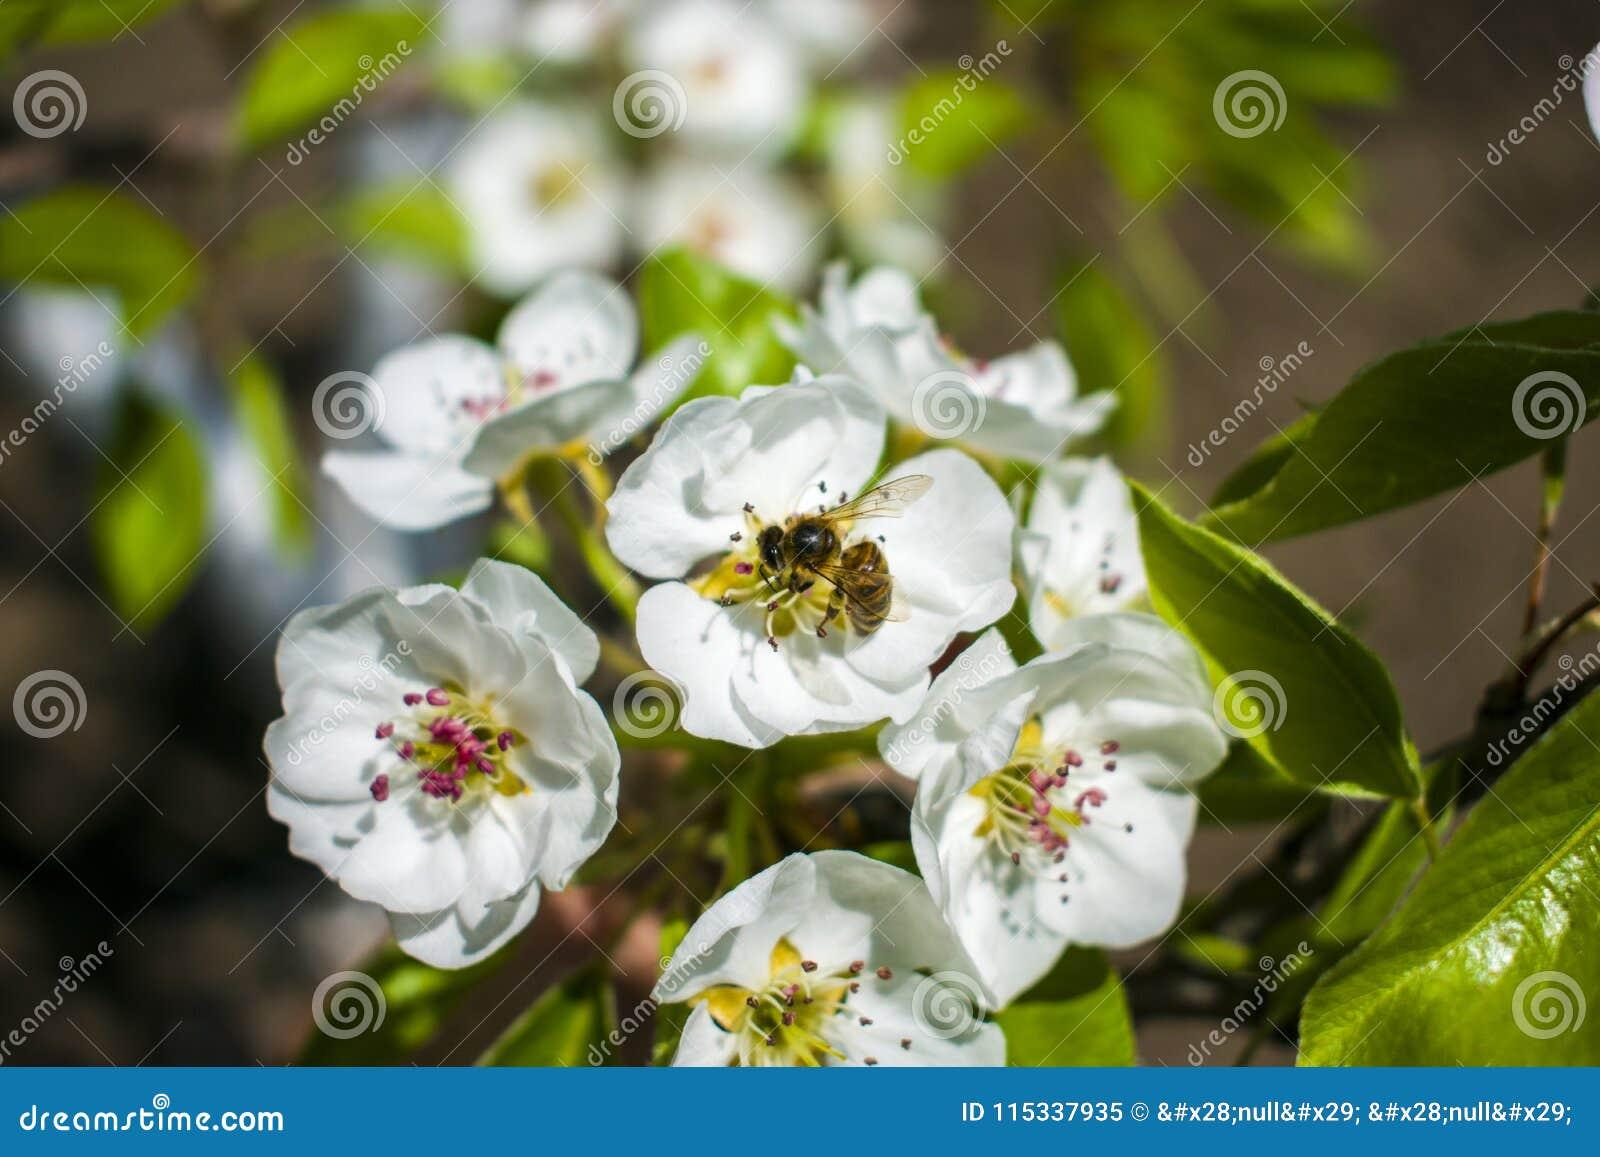 Abeille sur la fleur blanche